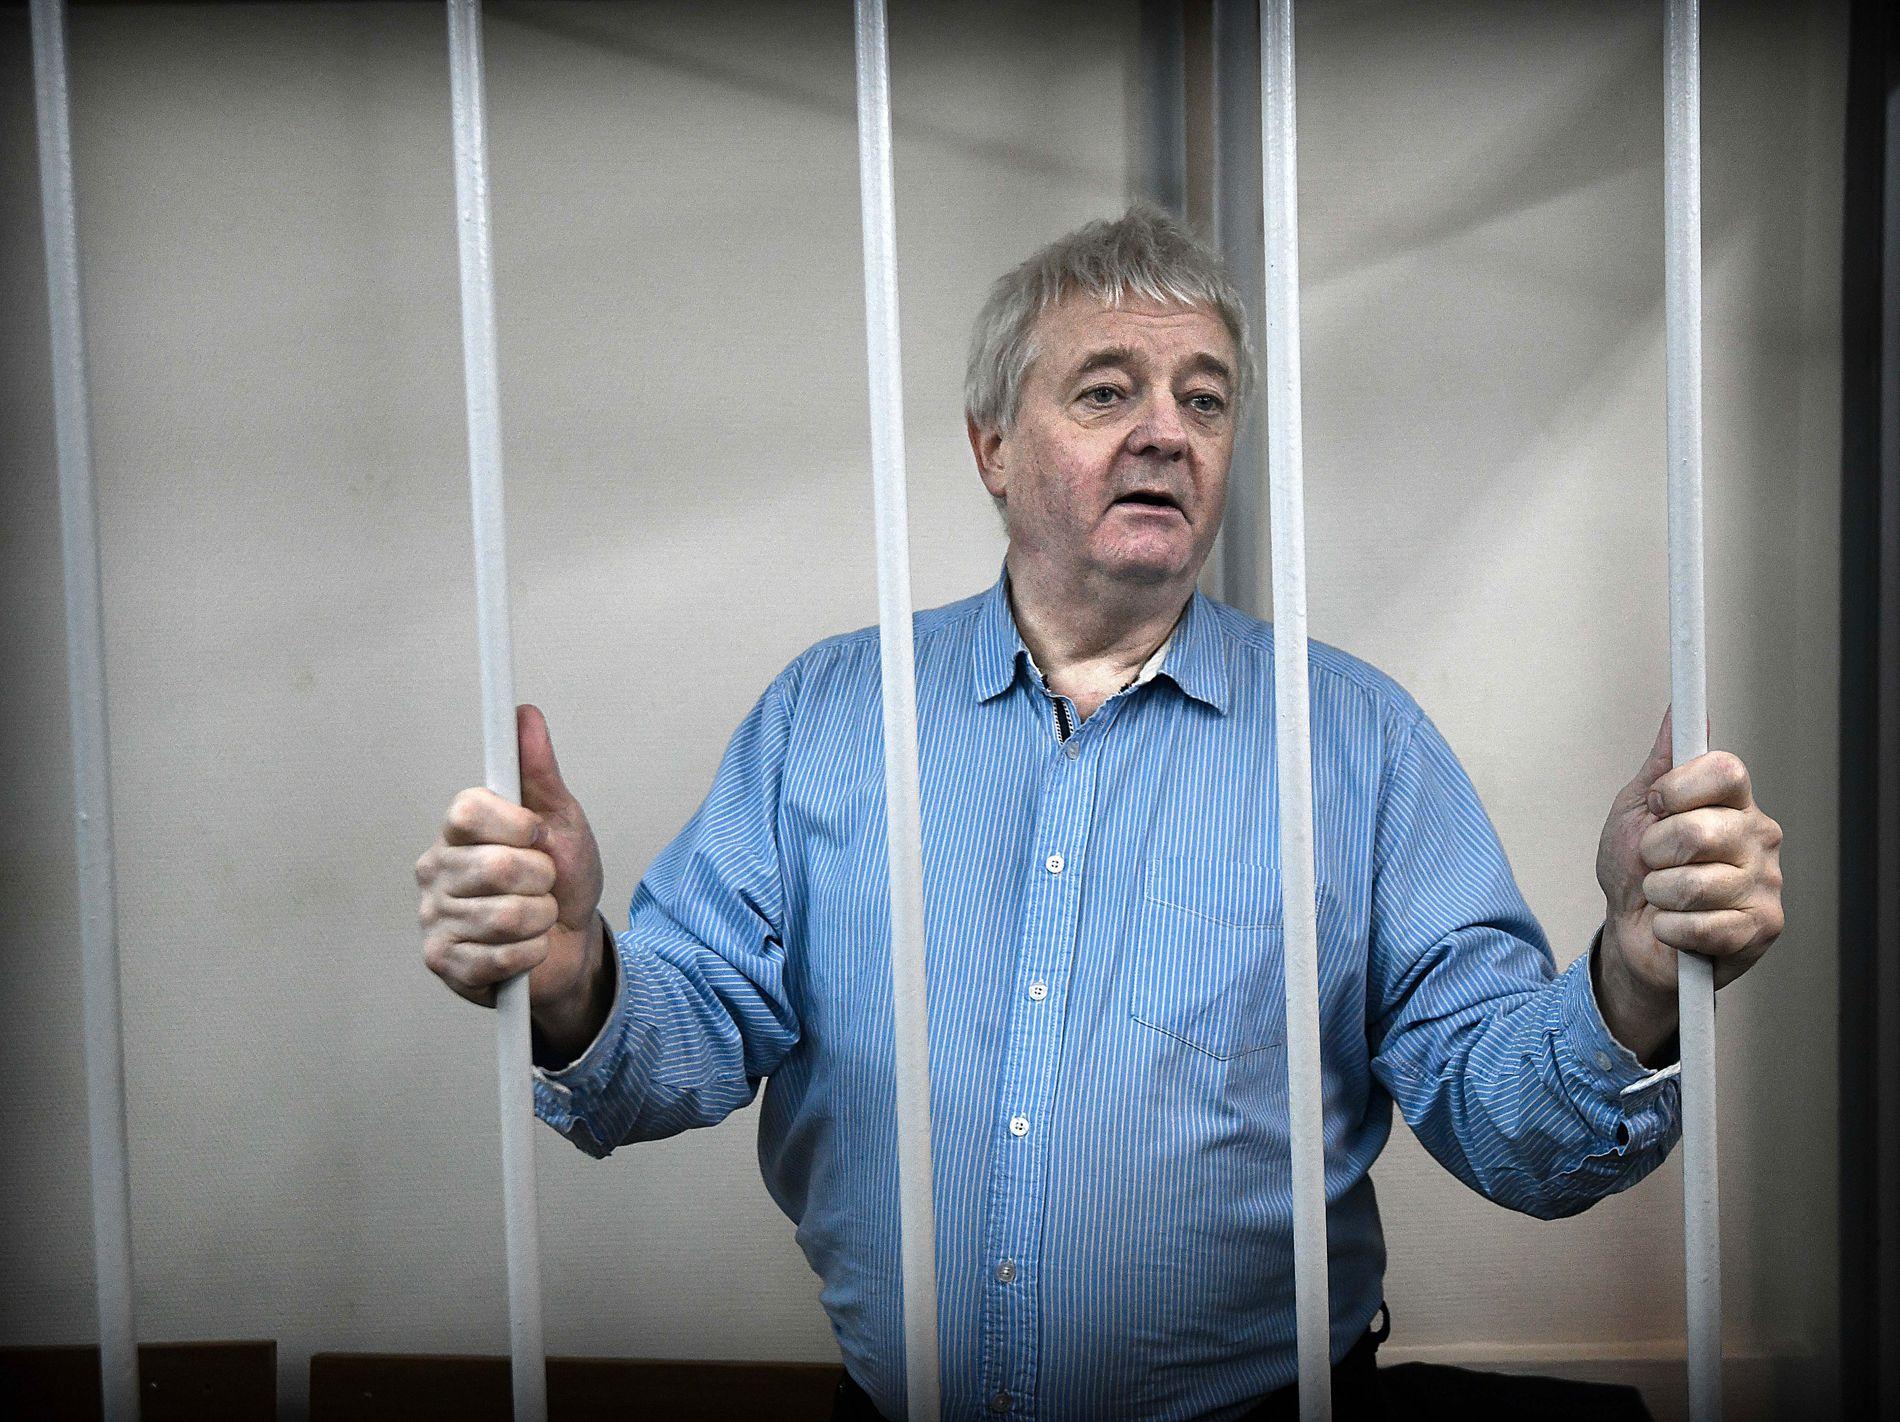 FENGSLET: Frode Berg har sittet fengslet i Moskva siden 5. desember i fjor, mistenkt for spionasje